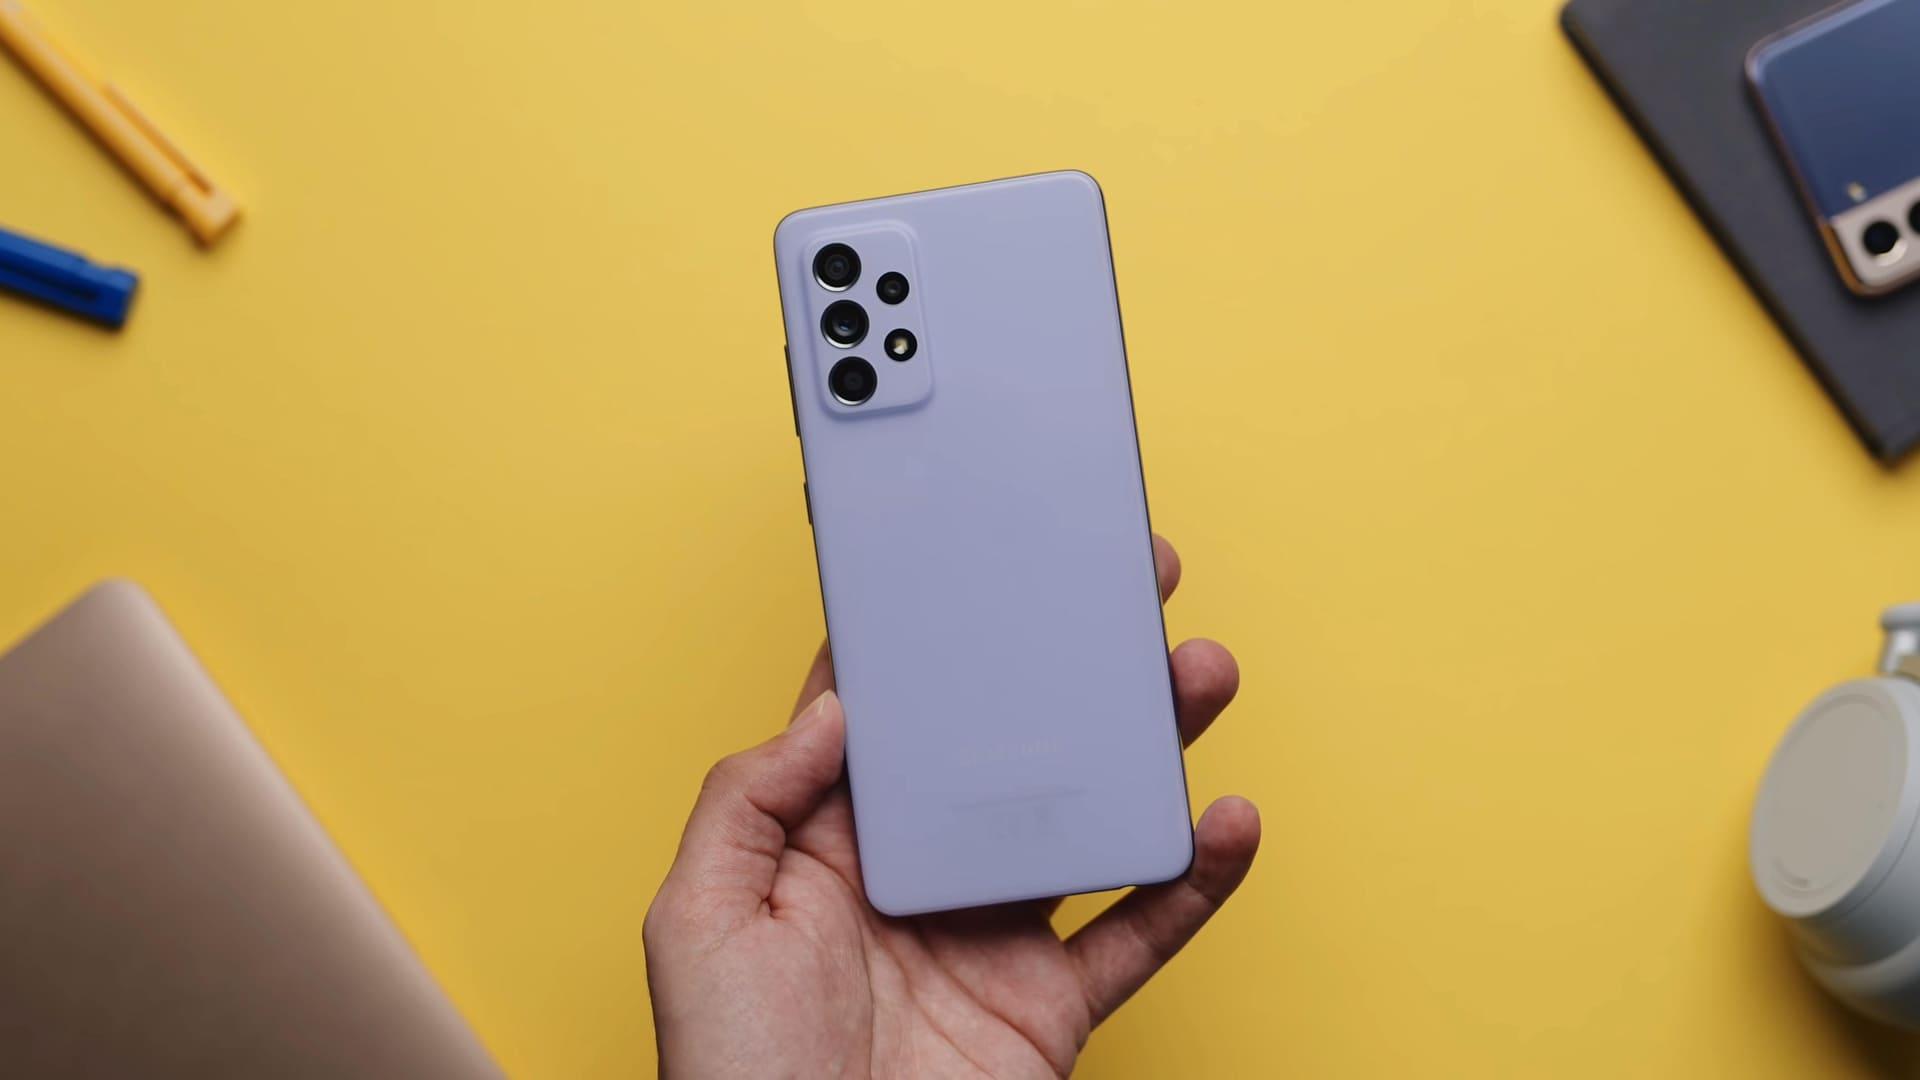 Mão segurando celular A52 e exibindo parte traseira do smartphone